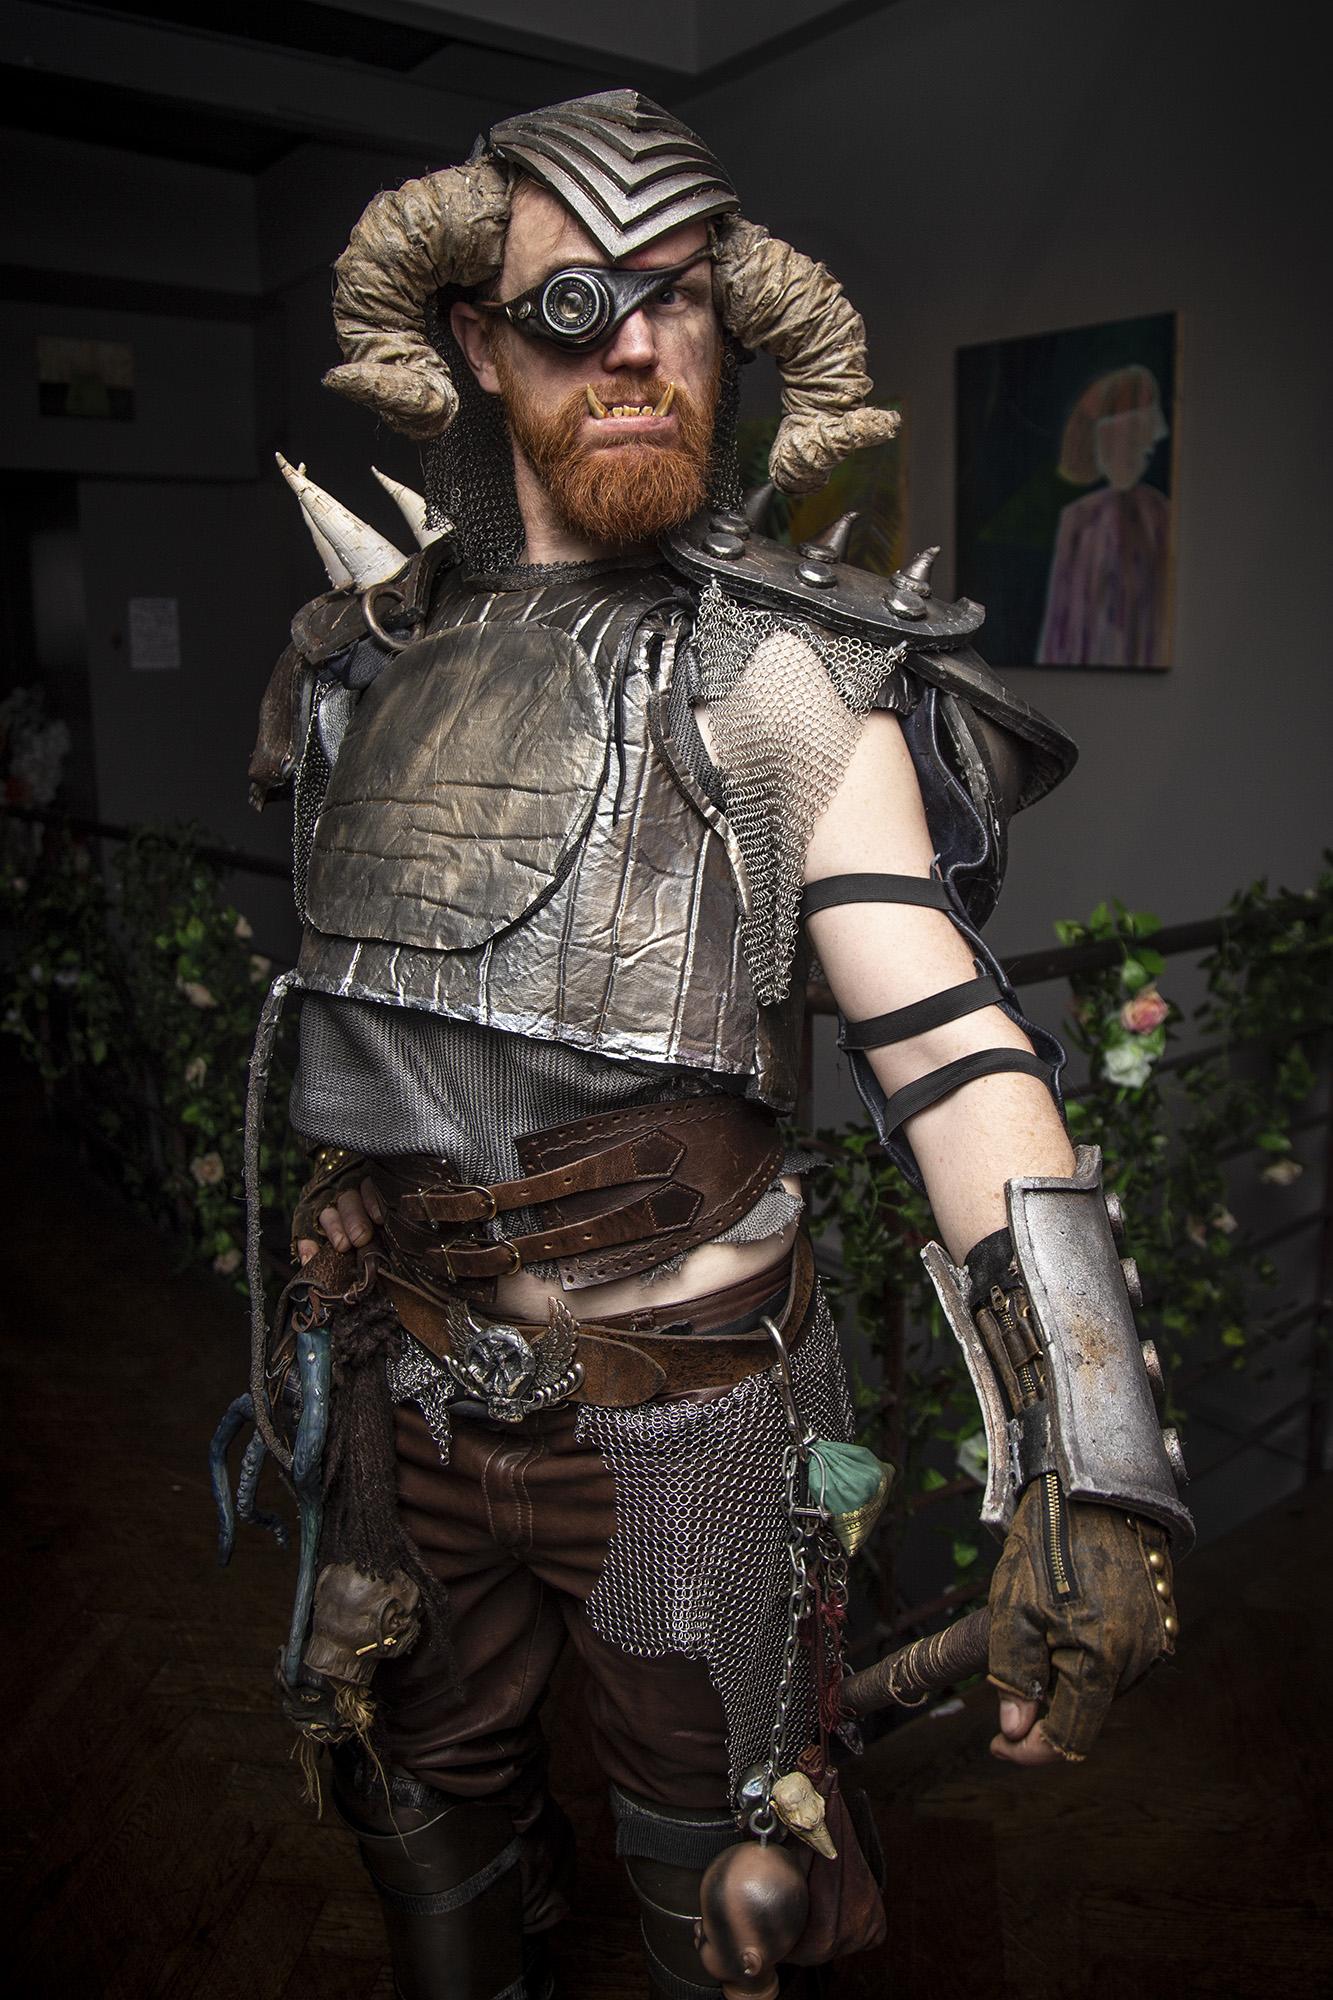 The Goblin King's Masquerade Ball, London 2019